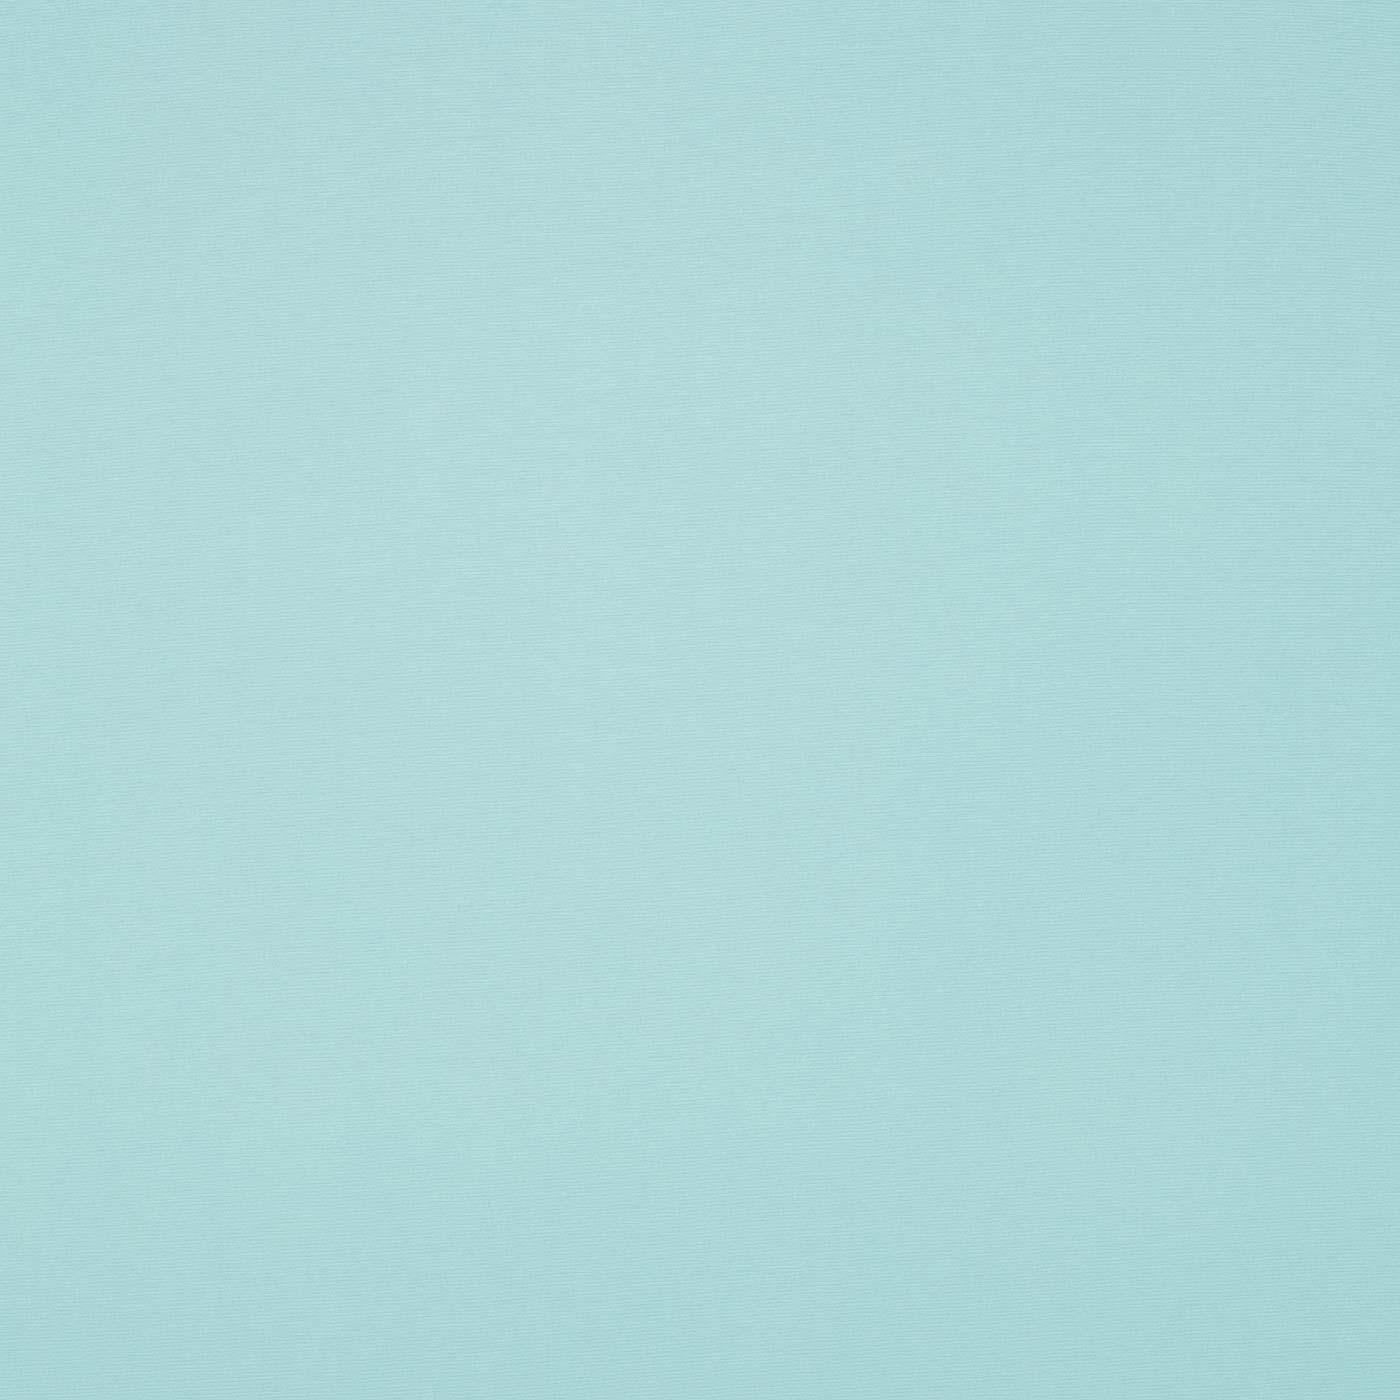 Union Mist Blue